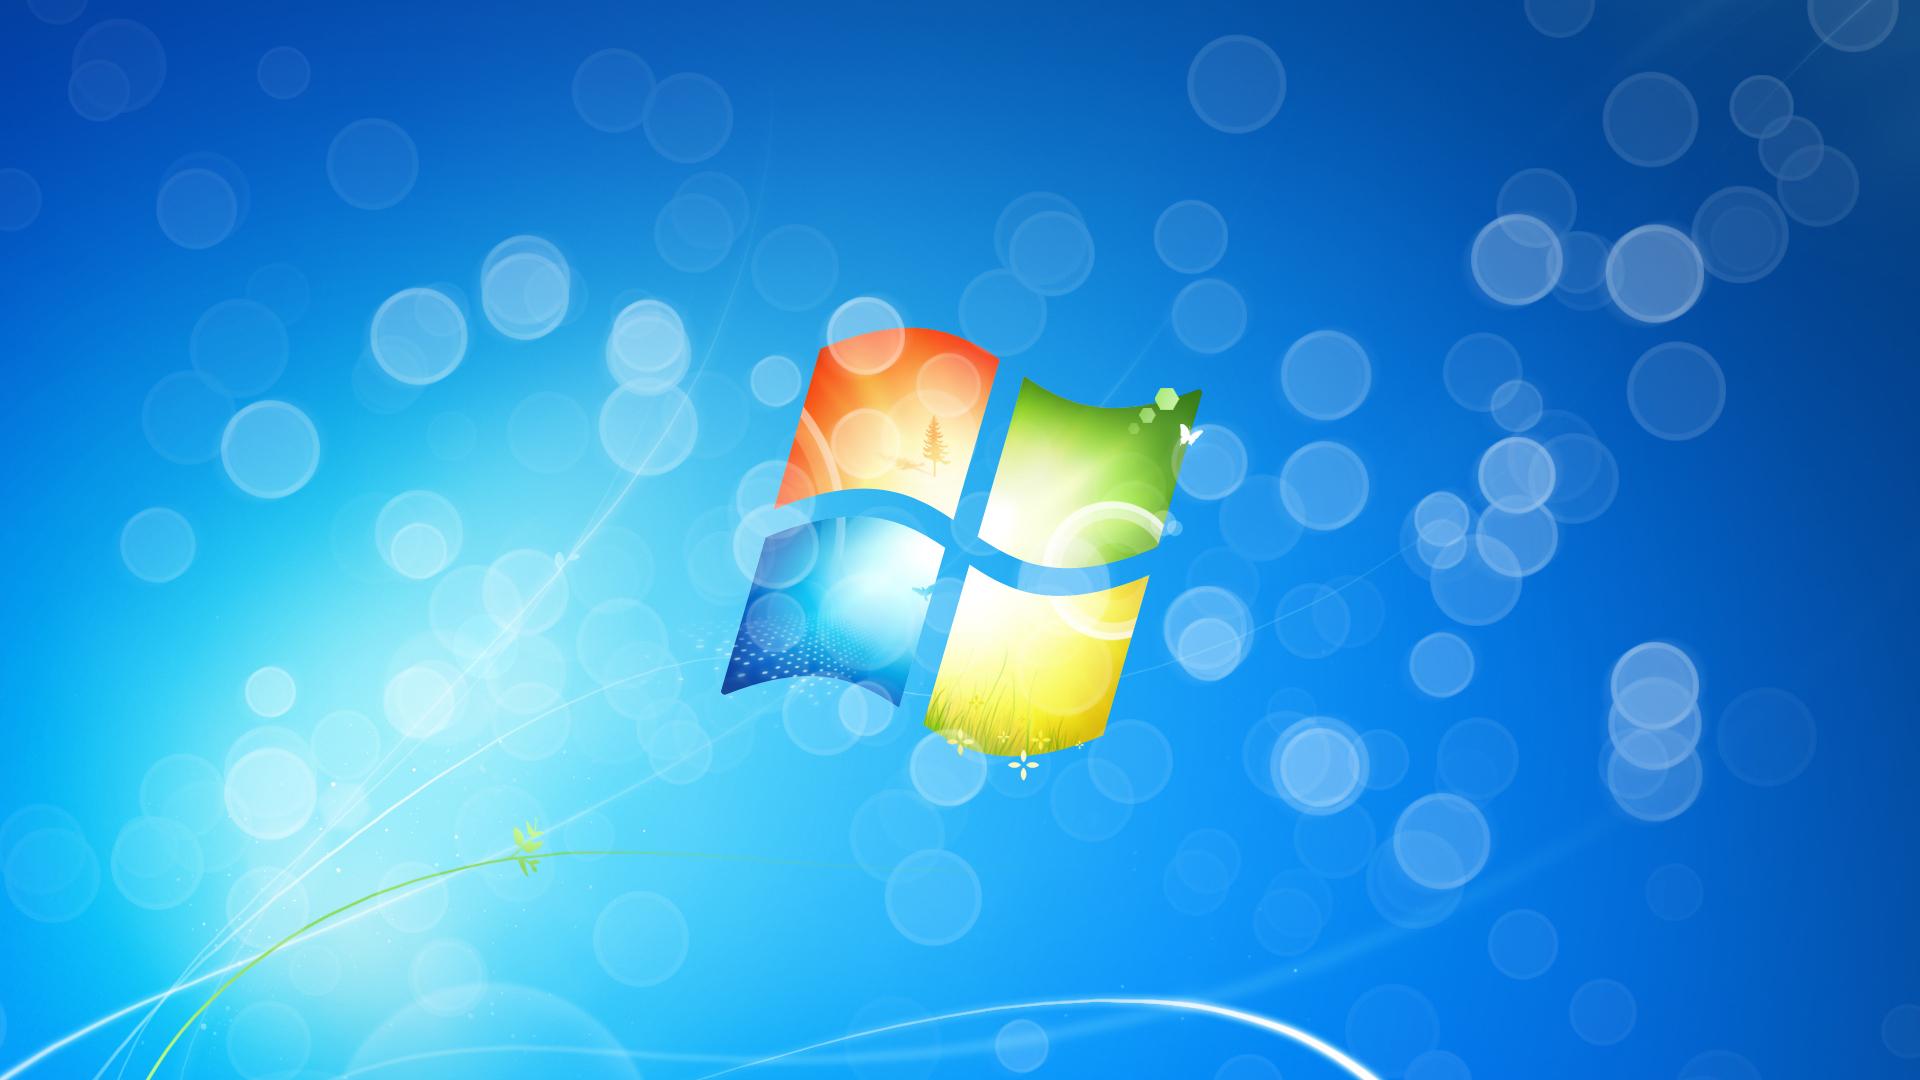 заставки для animatsioni windows 7